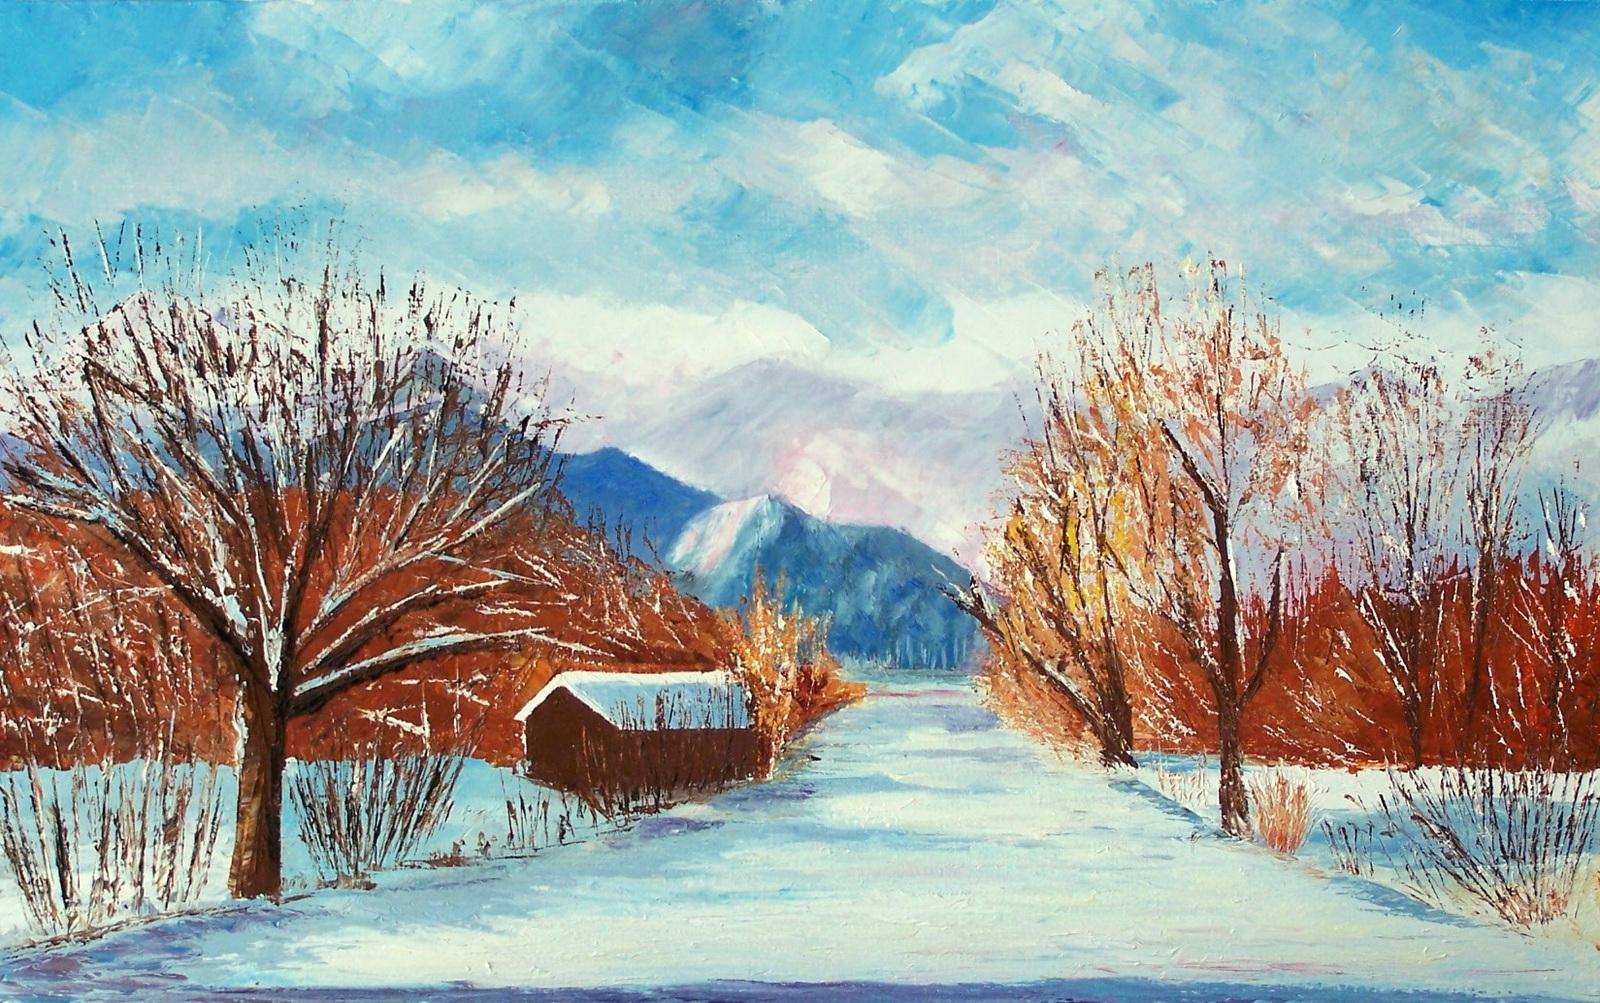 Fonds D'écran Hd: Paysage D'hiver Peinture avec Dessin De Paysage D Hiver